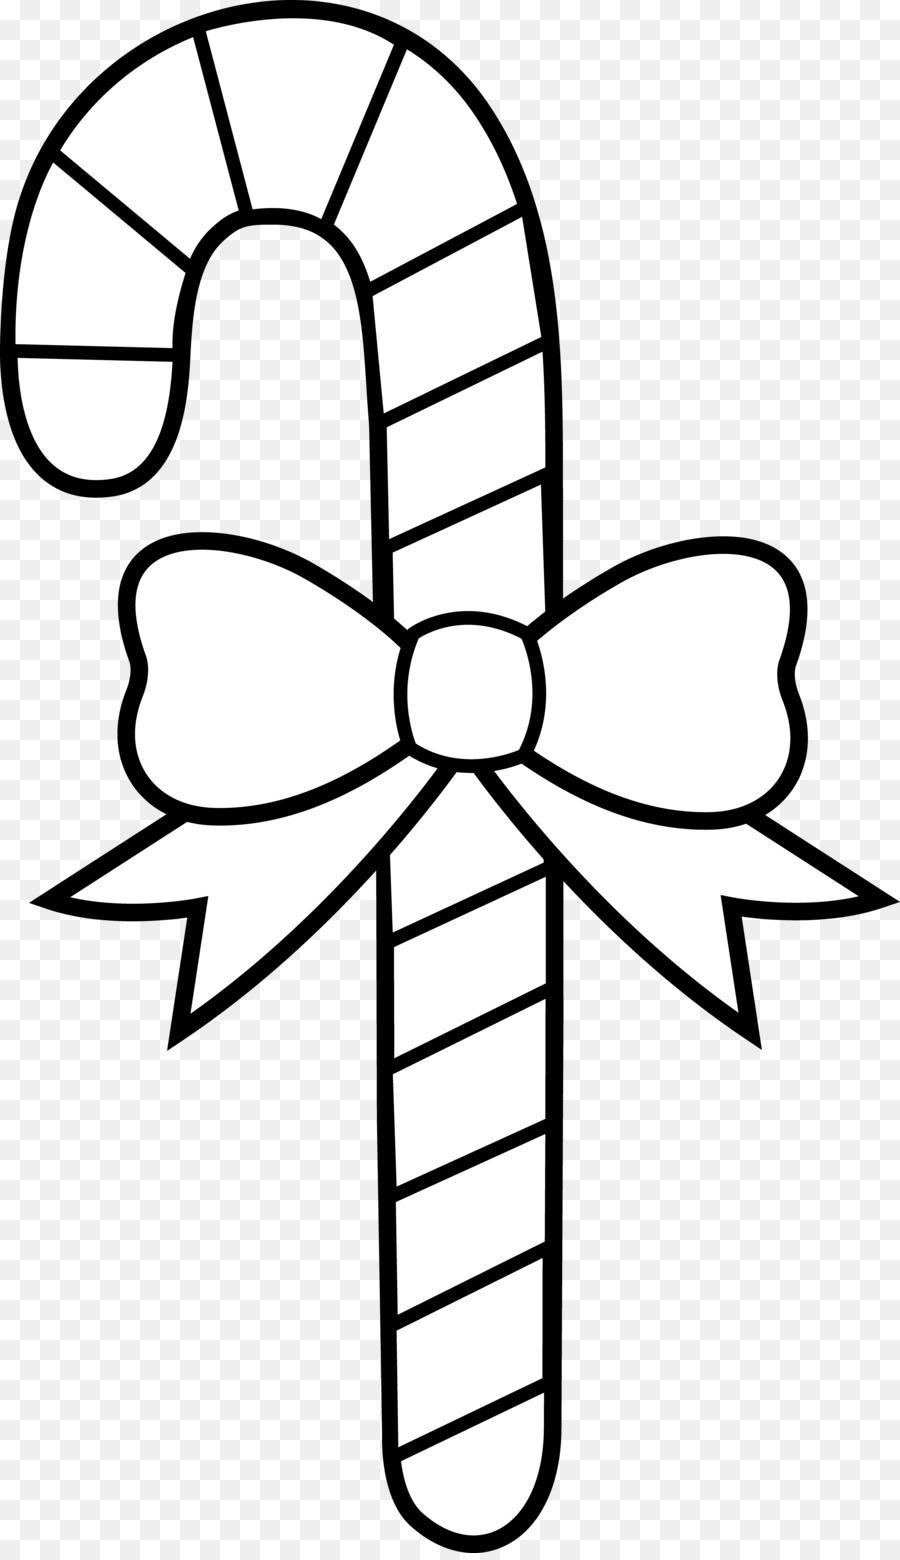 900x1560 Black Ribbon Black And White Clip Art